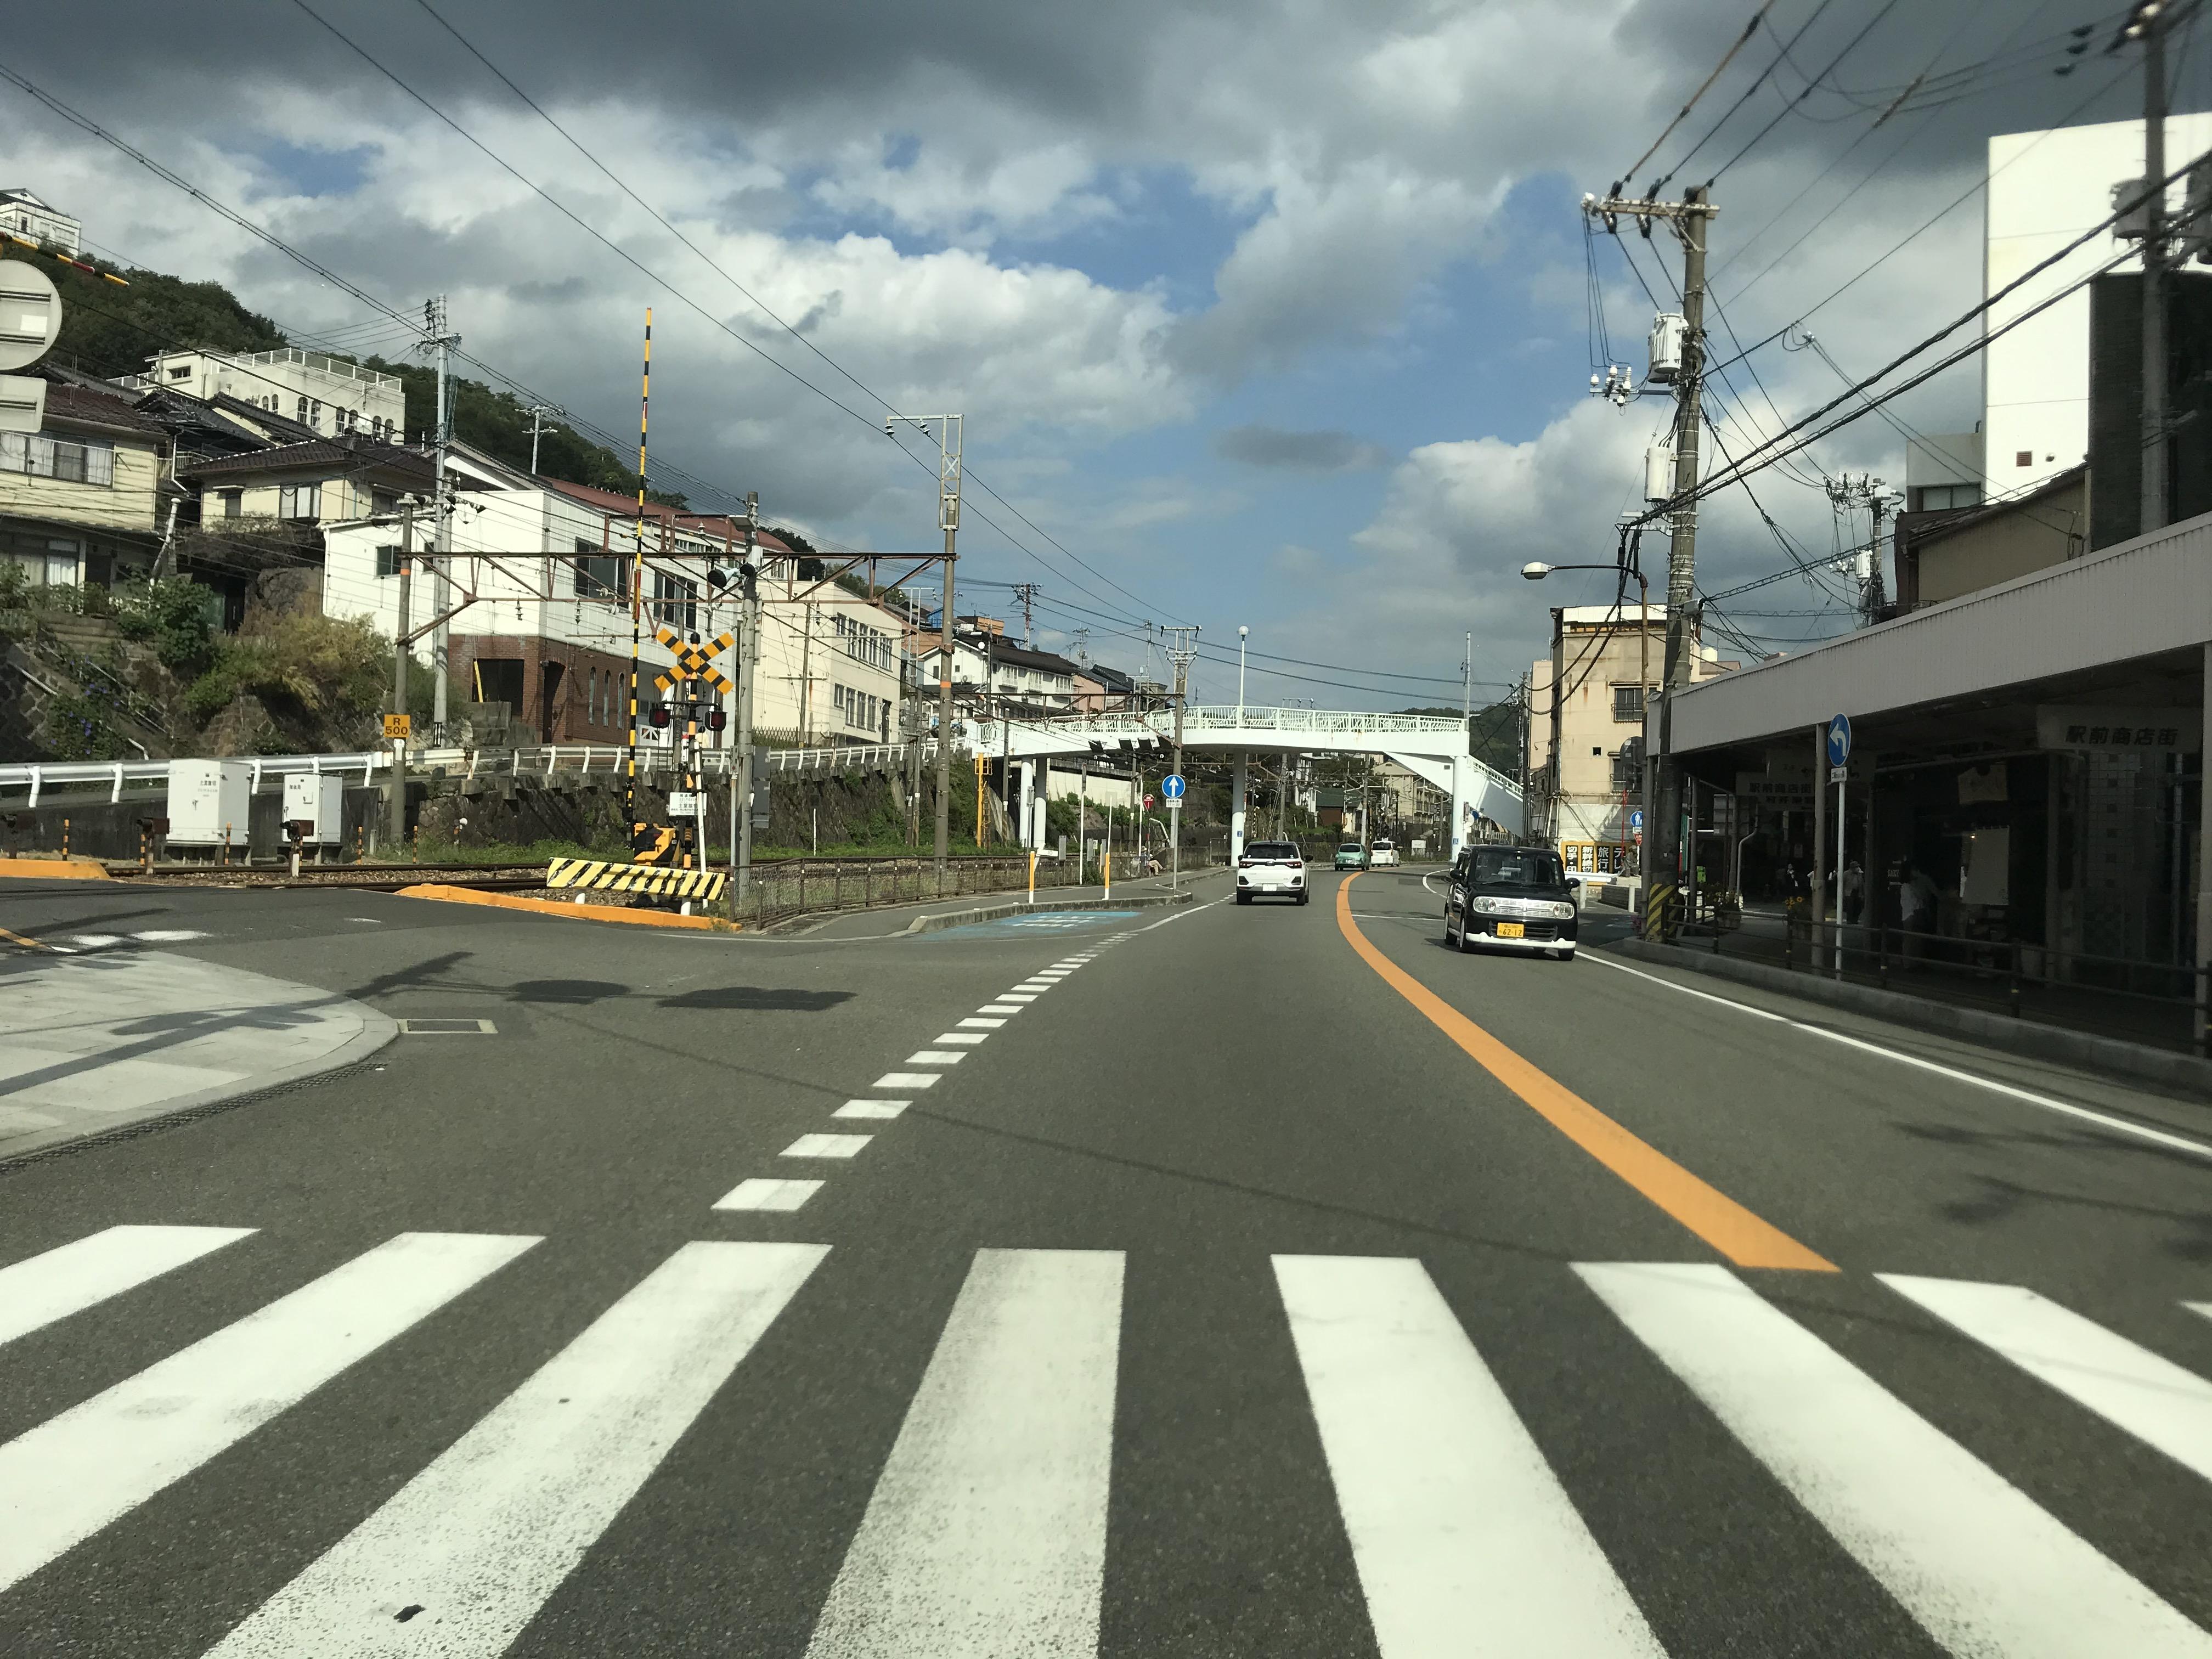 道順1-2, 国道2号上り線から東第一踏切前交差点を左折、踏切を北にわたります。※注意 下り線からは右折禁止です。ご注意ください!